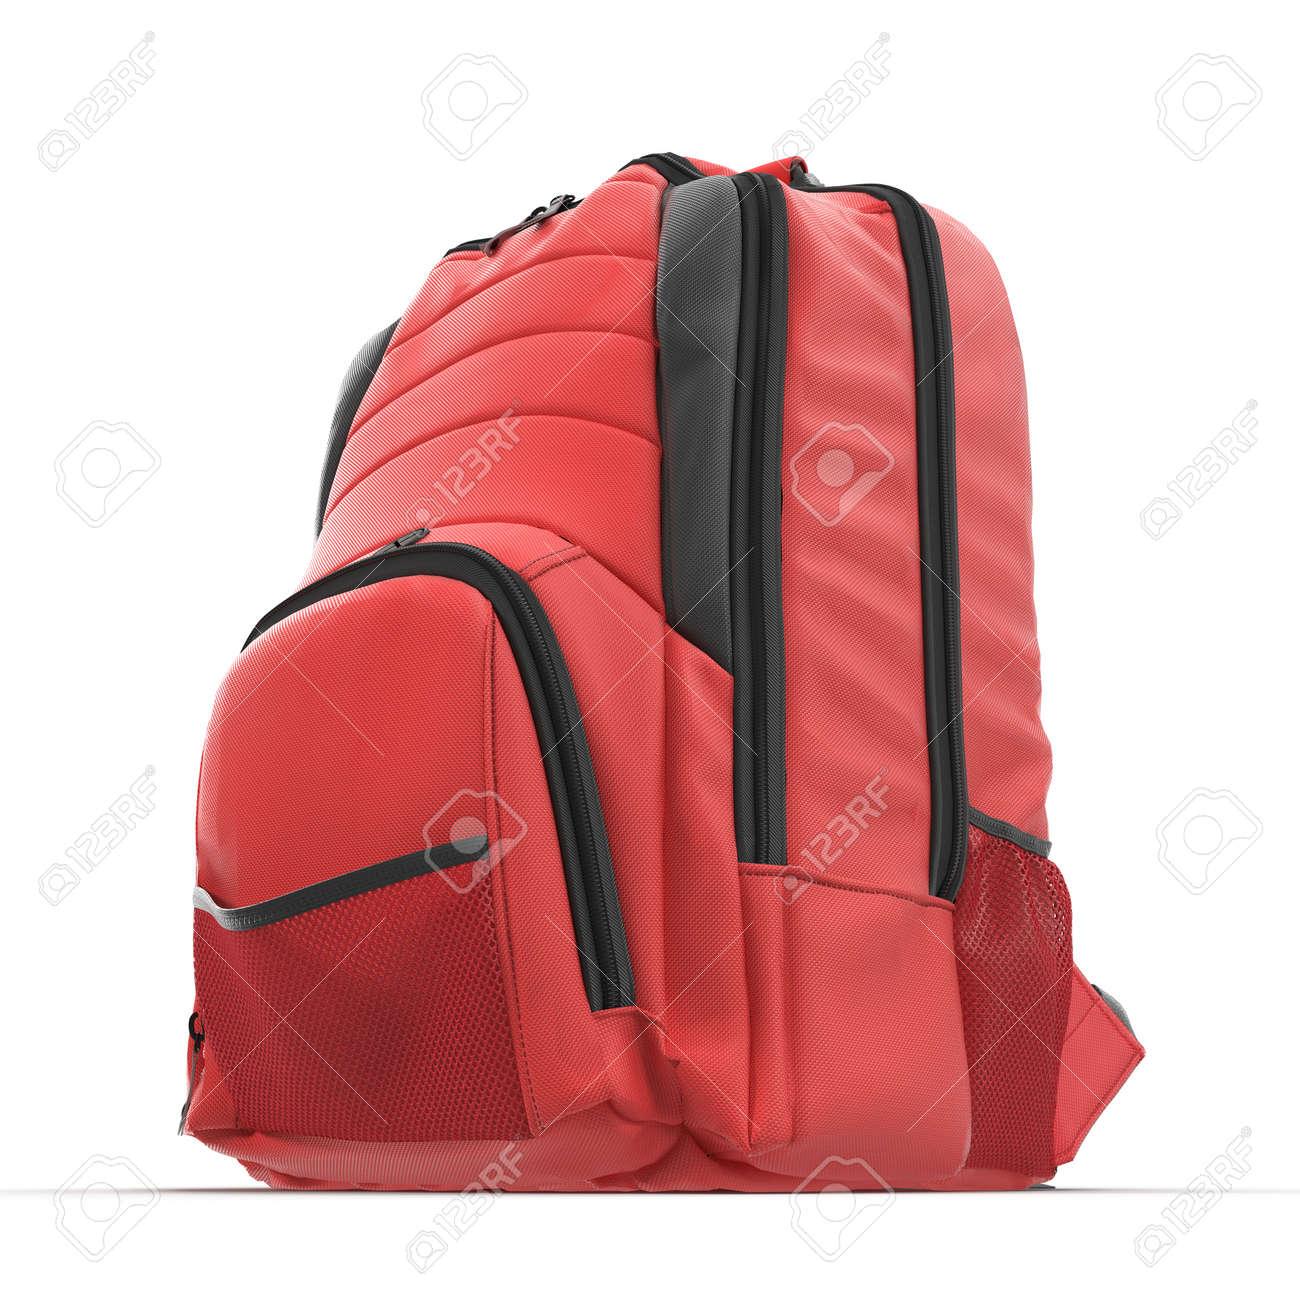 Mochila Escuela La BlancoPrimer En 3d Aislada Roja DeporteIlustración De Del Viaje 34AqR5jLc